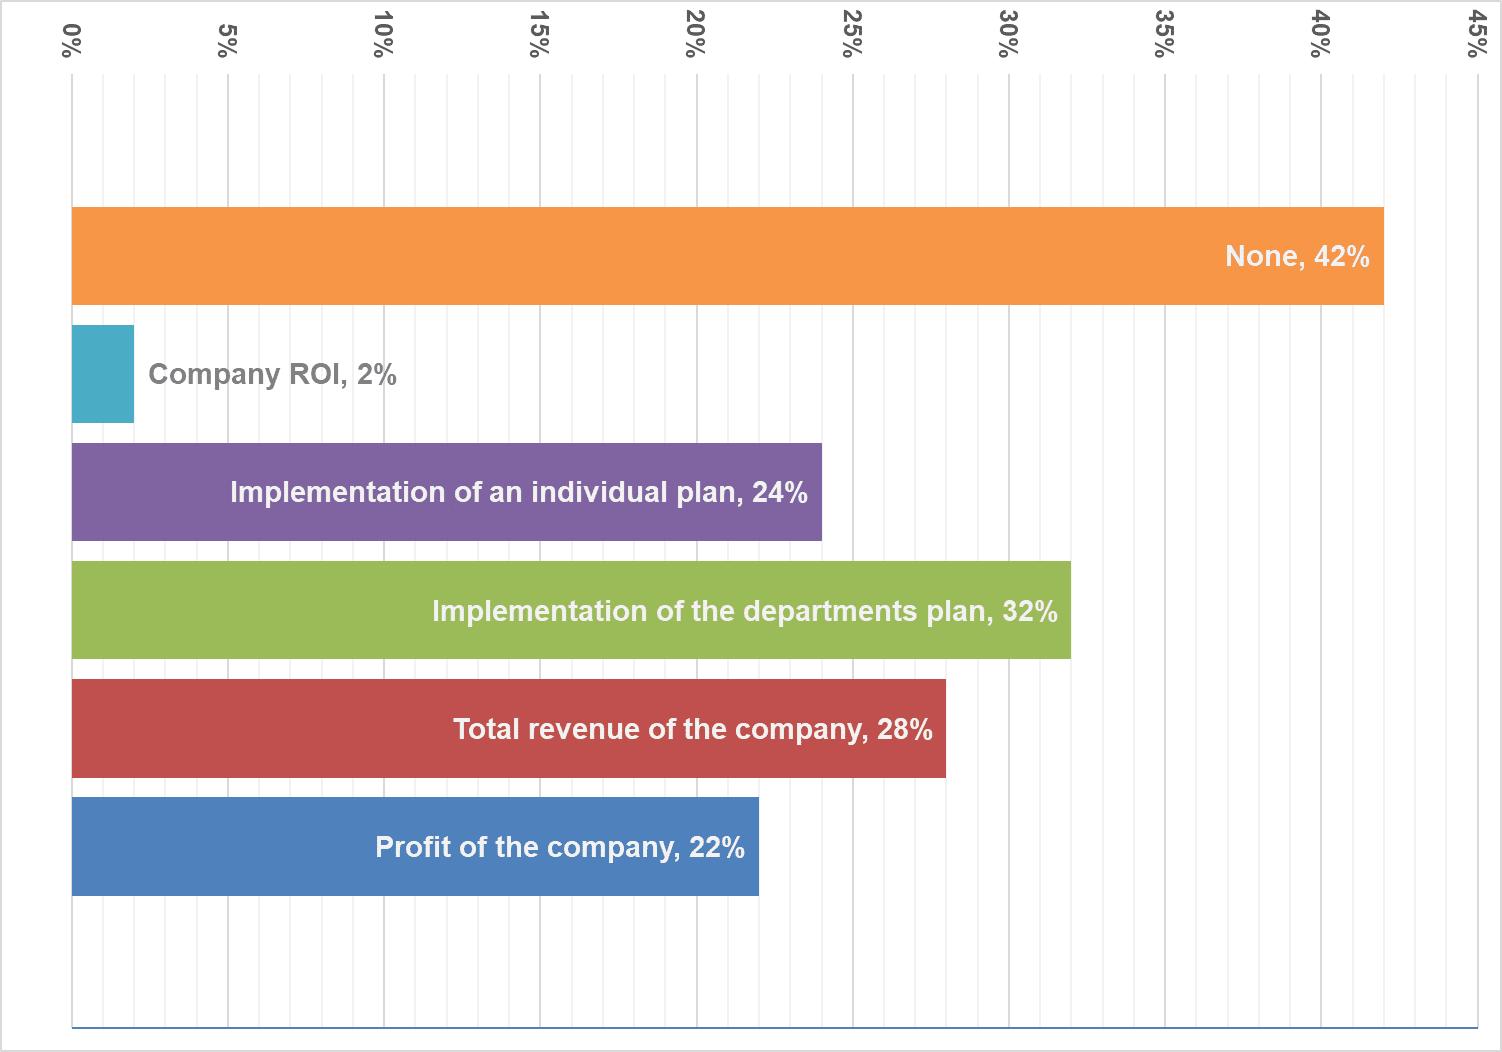 Рис.18. KPI, за которые выплачивают бонус.